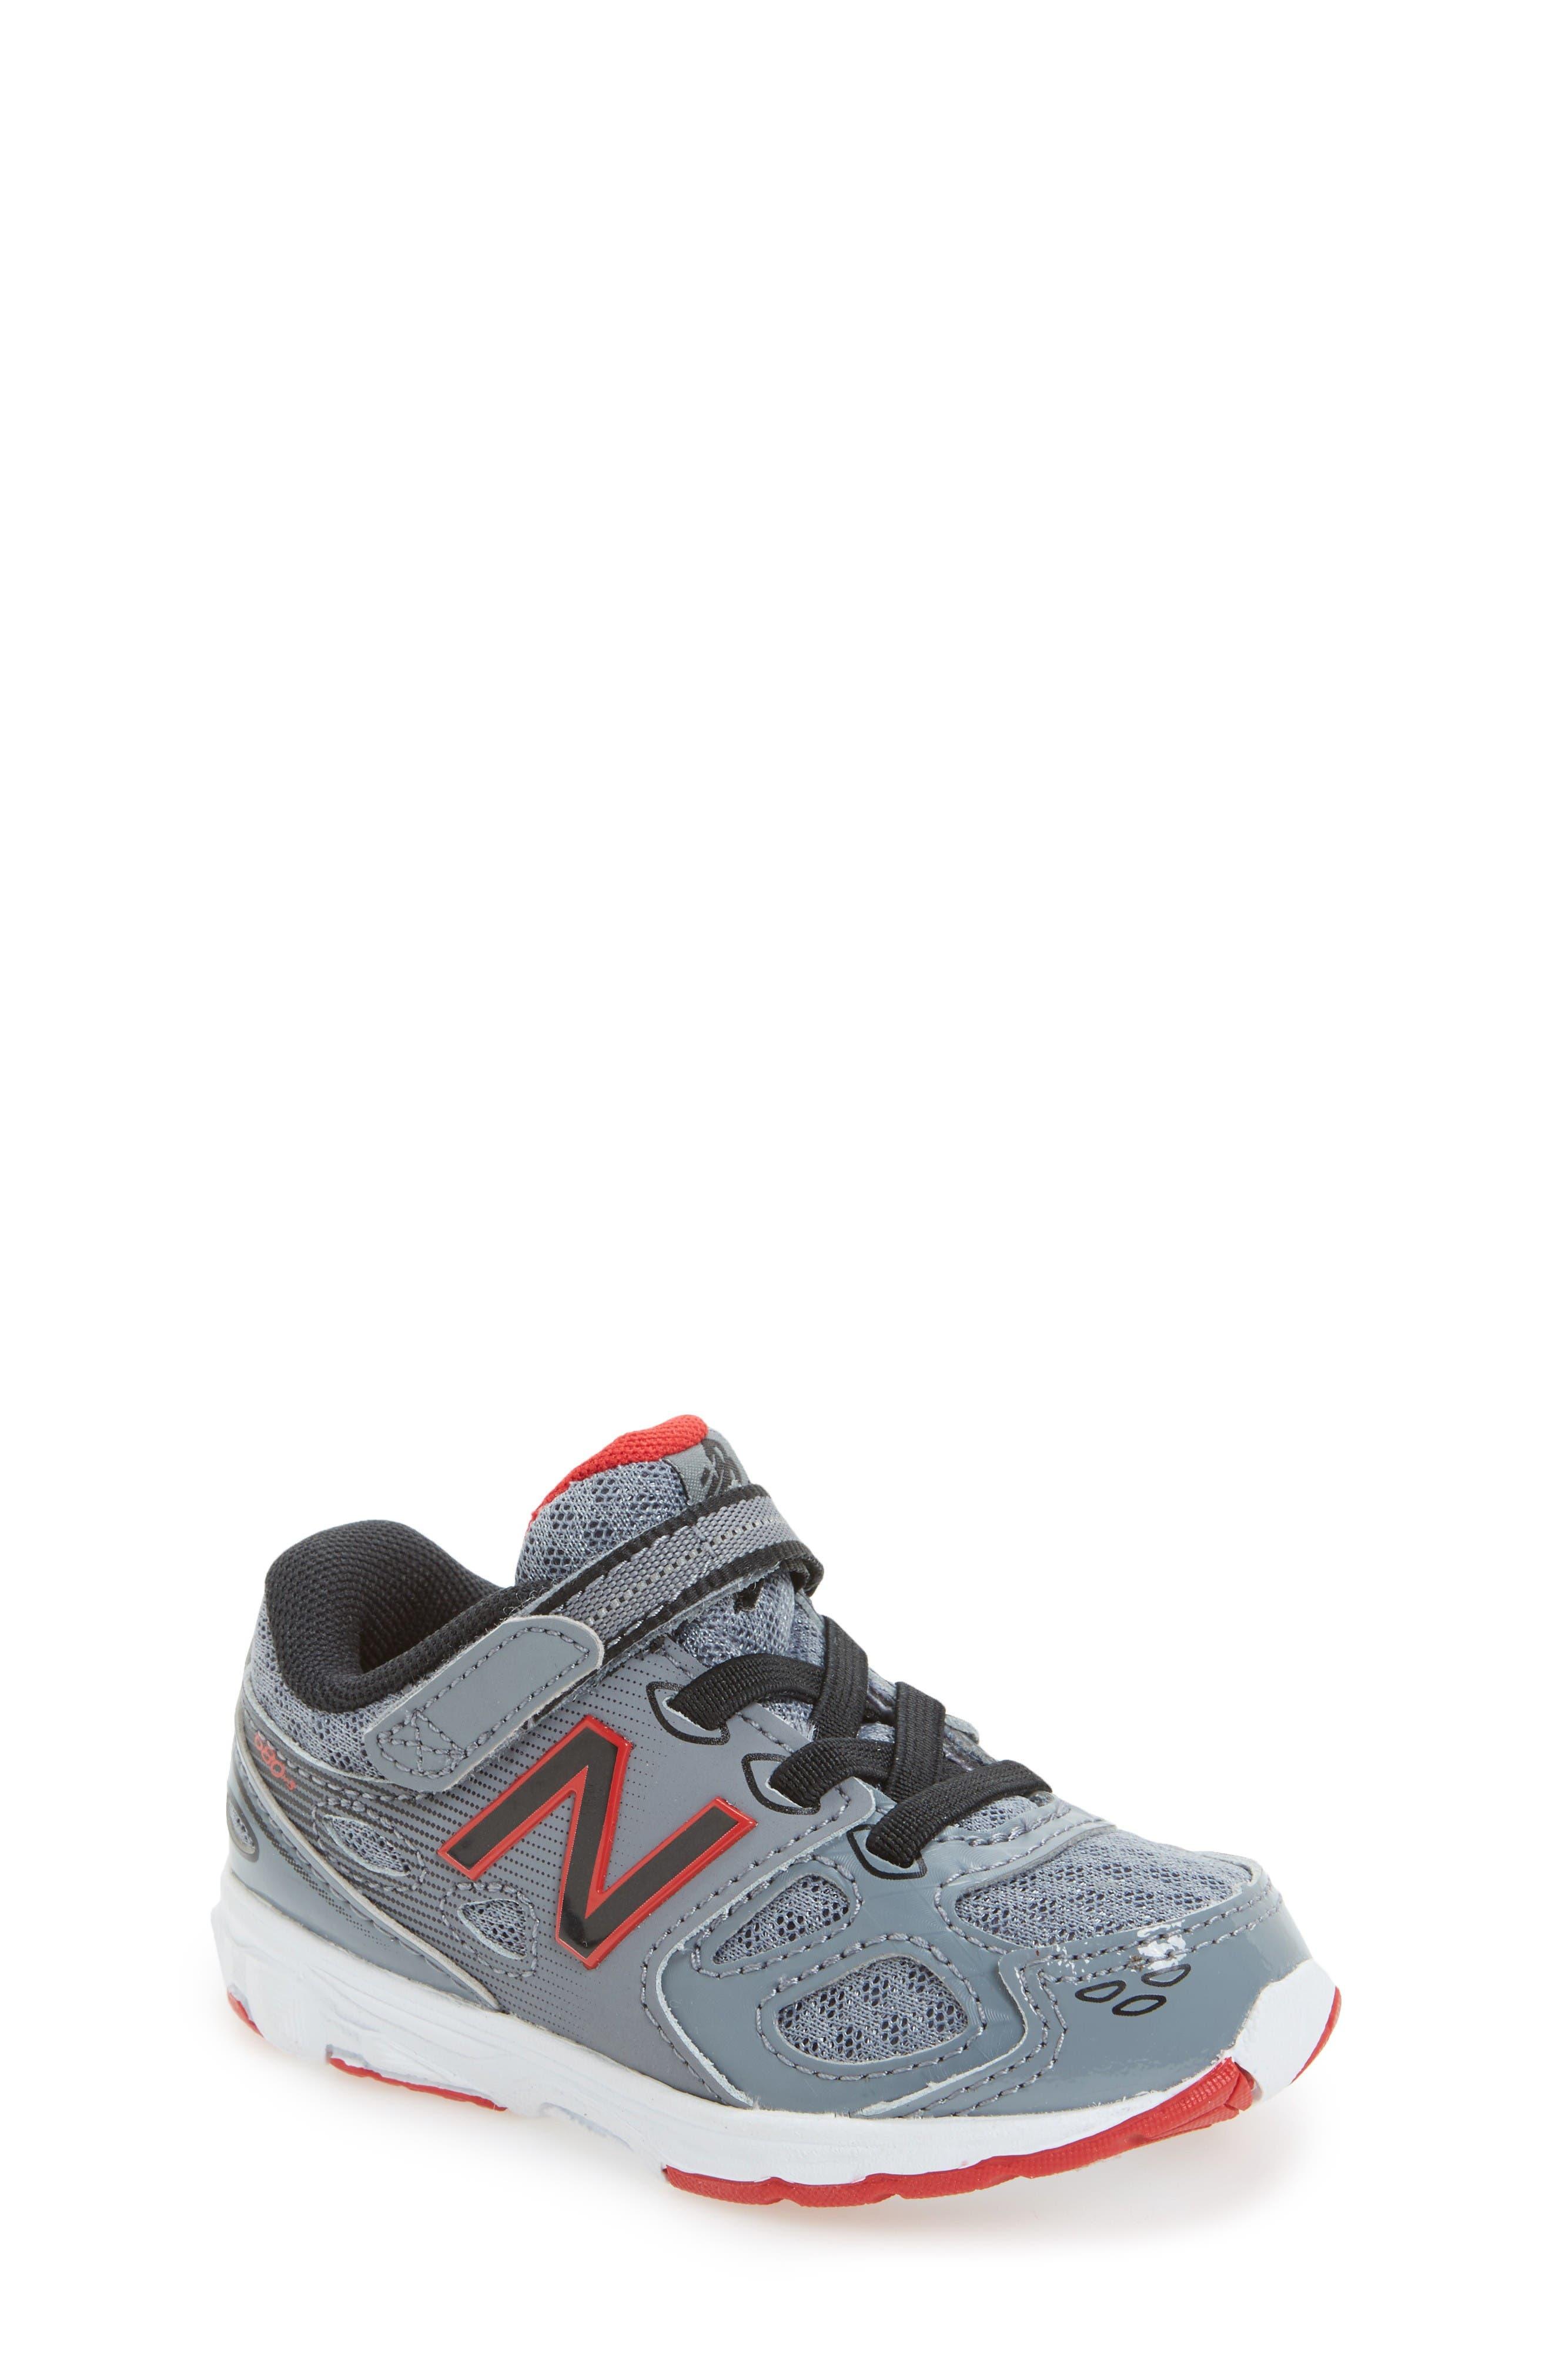 NEW BALANCE 680v3 Sneaker